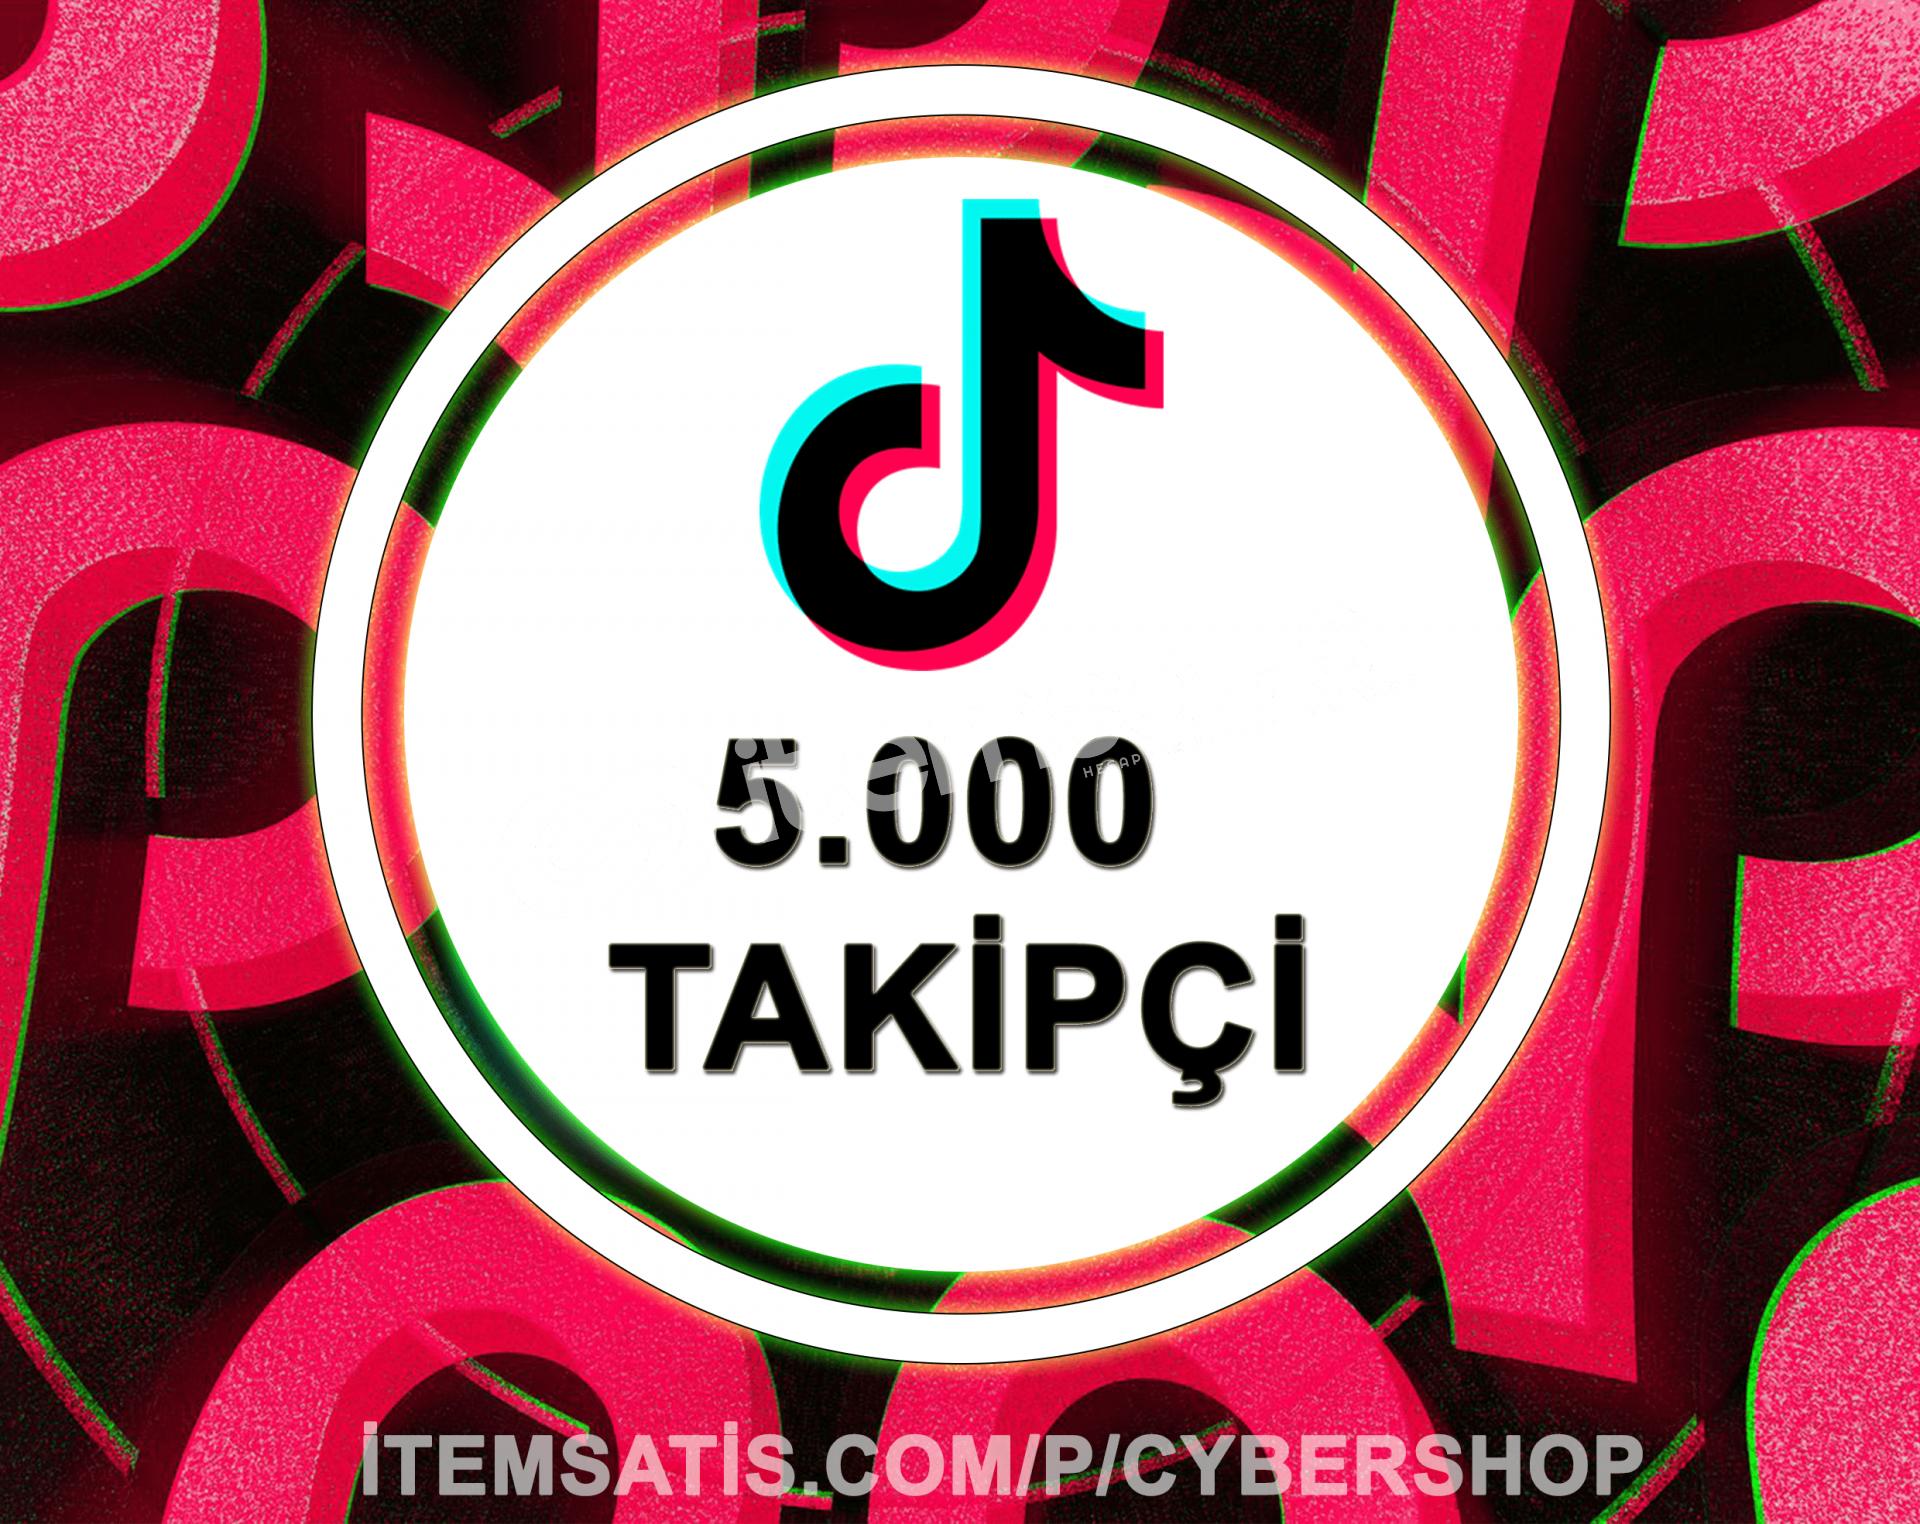 TikTok 5000 Takipçi Paketi (%10 İndirim)